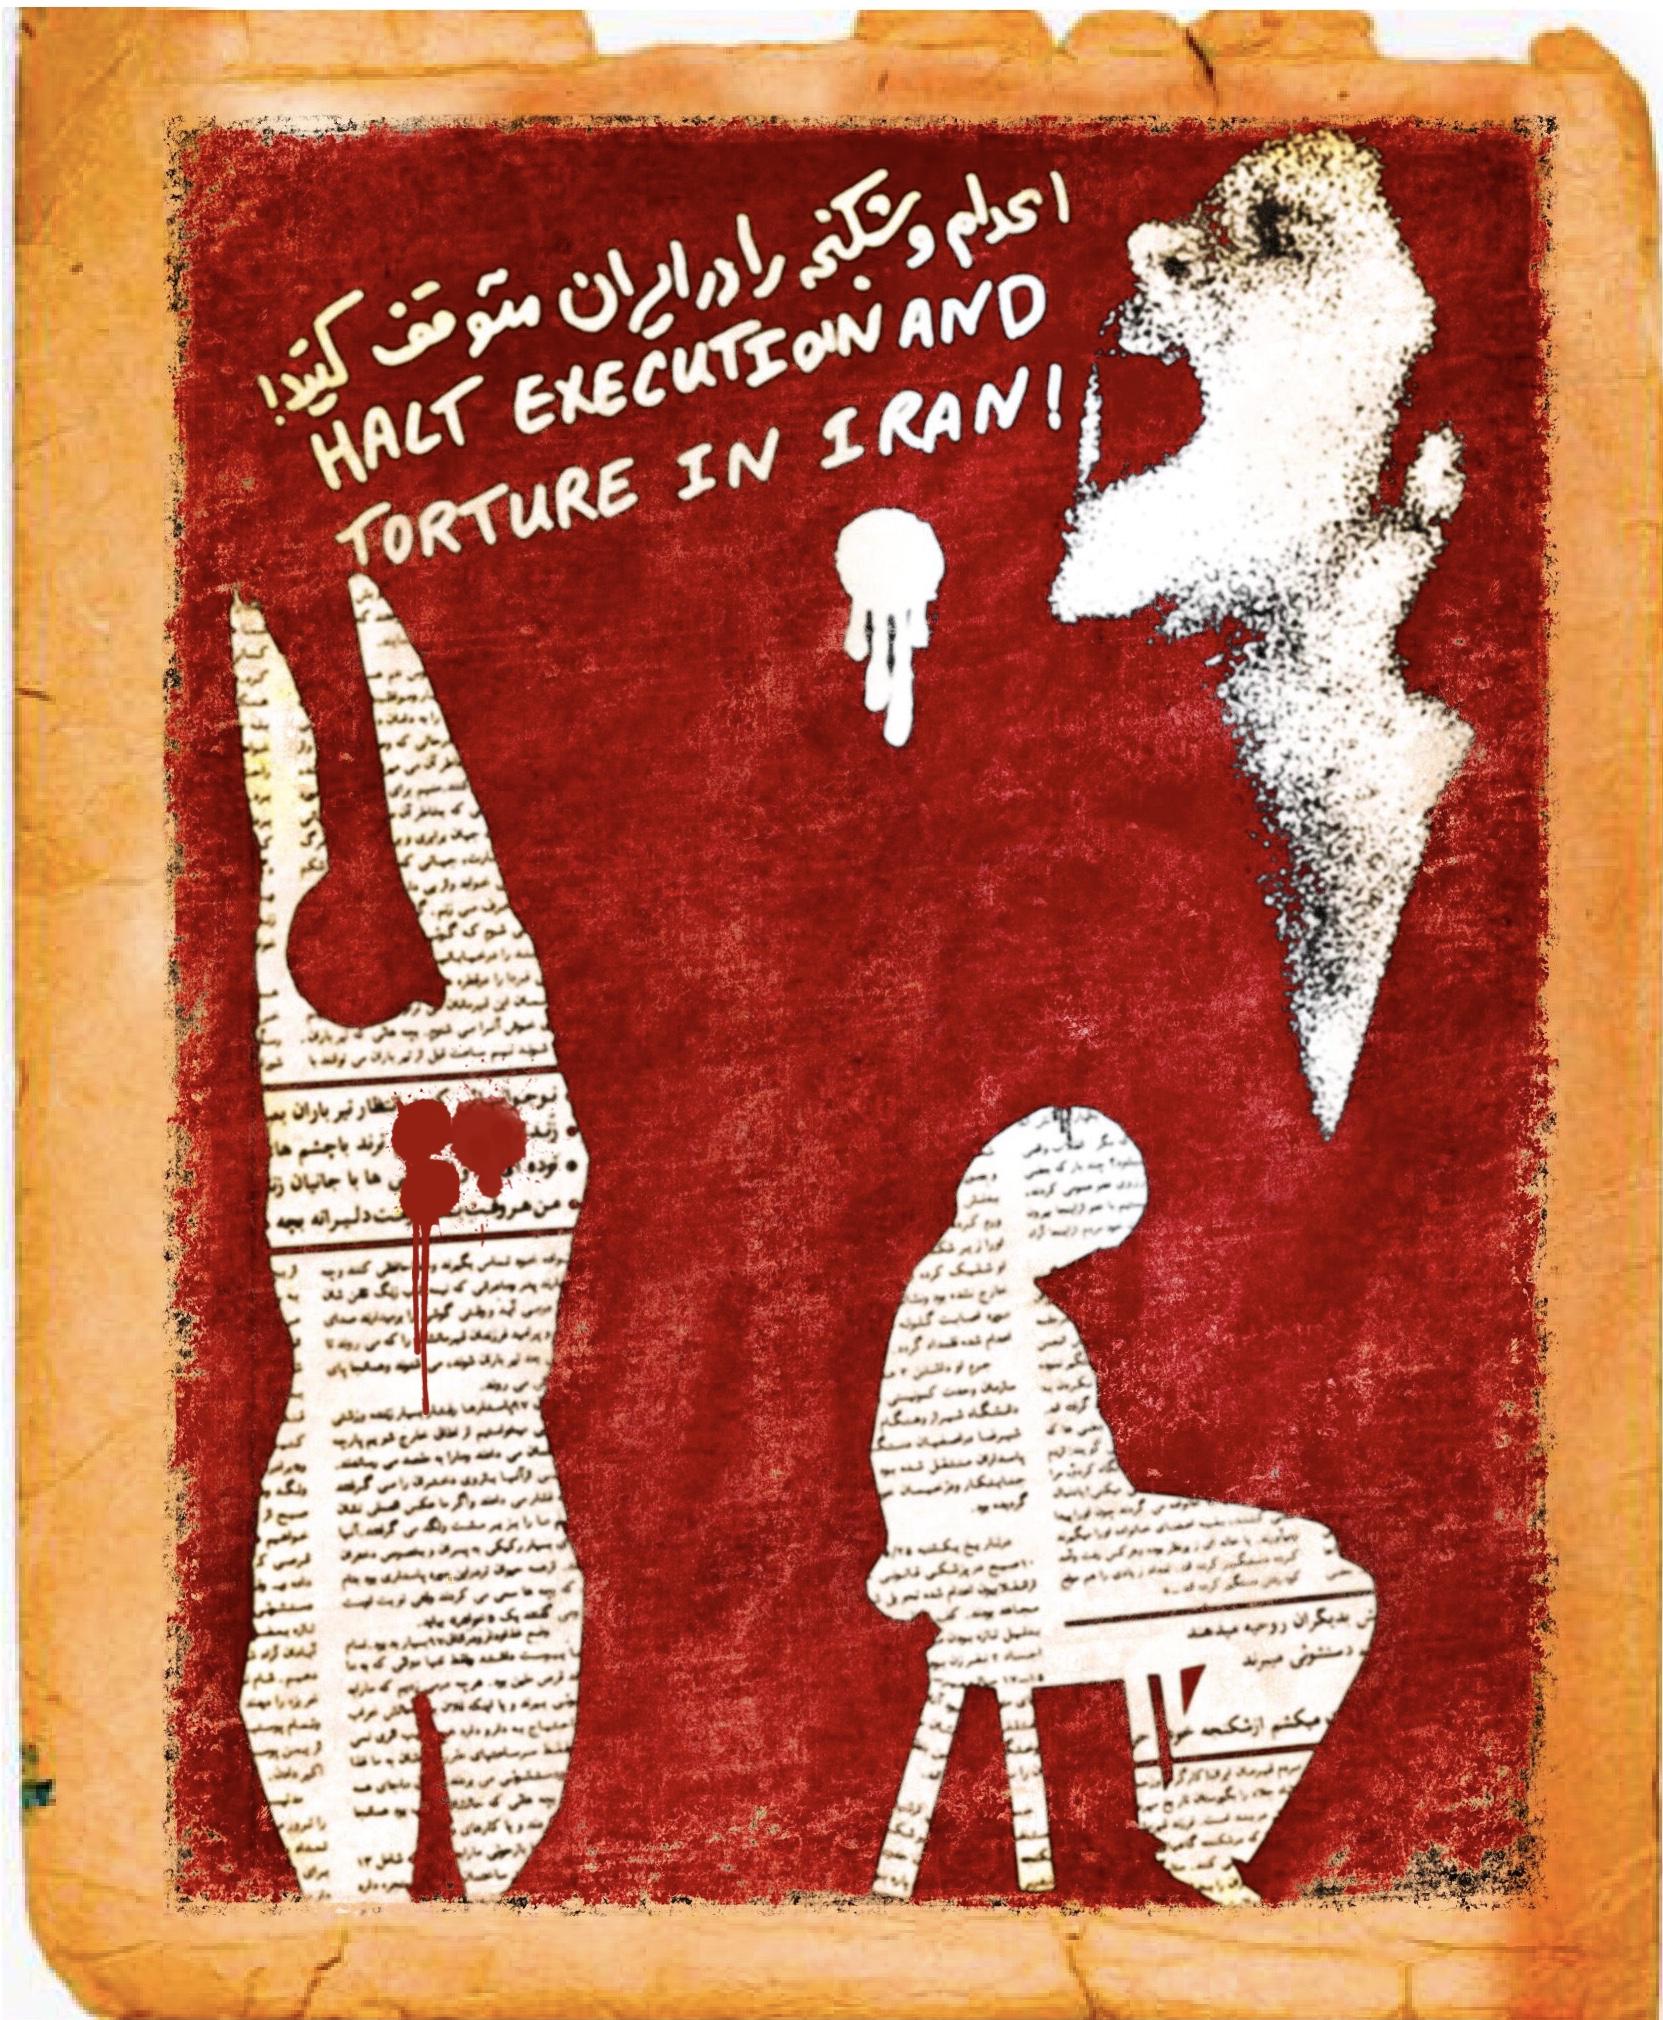 @schabname اعدام و شکنجه را در ایران متوقف کنید